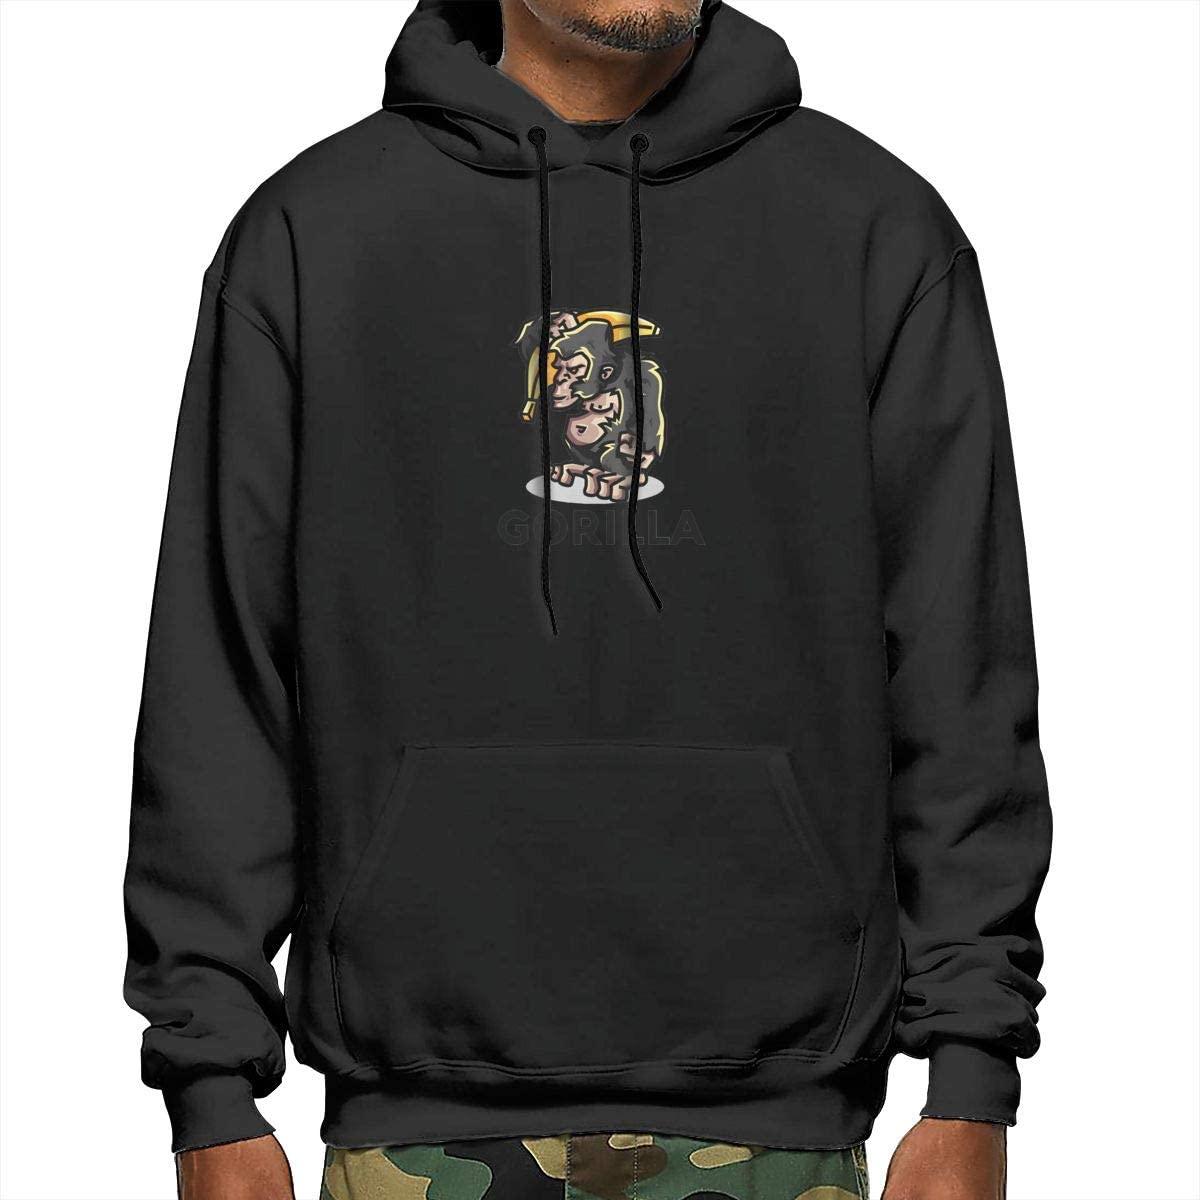 Mens Hooded Sweatshirt Gorilla Print Hooded Top Hoodie Black/White/Navy/Gray